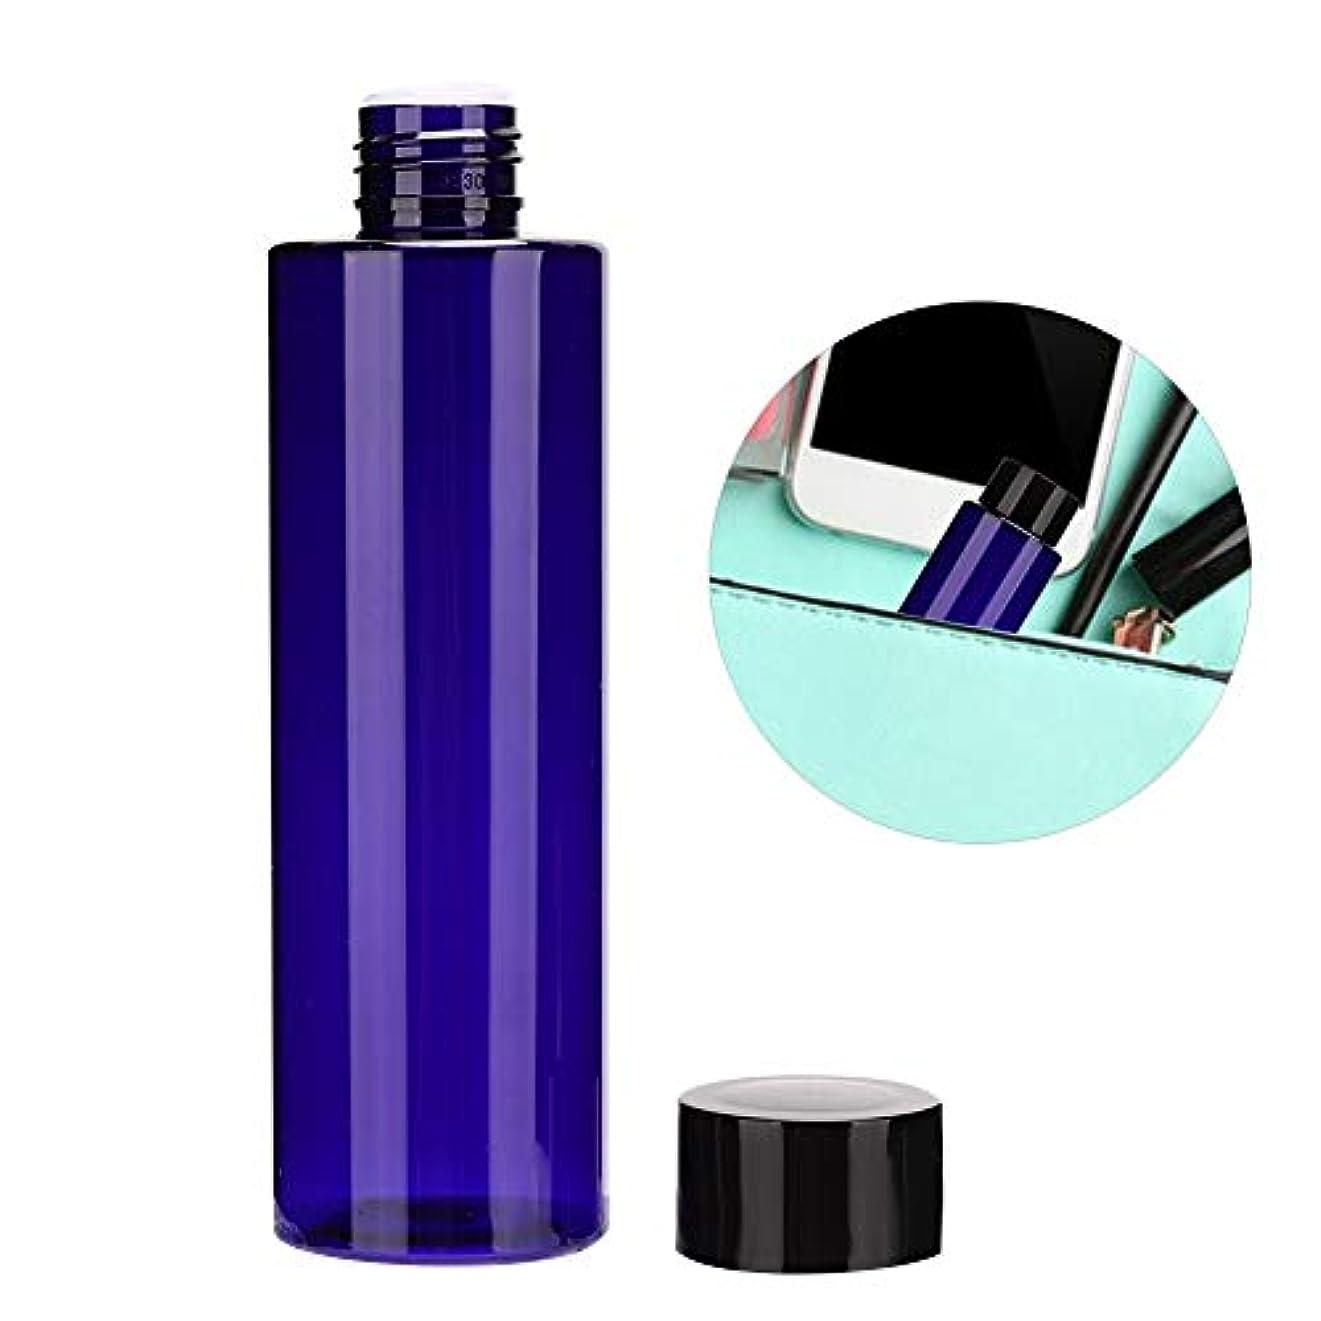 流体台風オール200ML PET 詰め替え 可能な空 液体ボトルローション スキンケア 製品 空の化粧品 トナーコンテナボトル